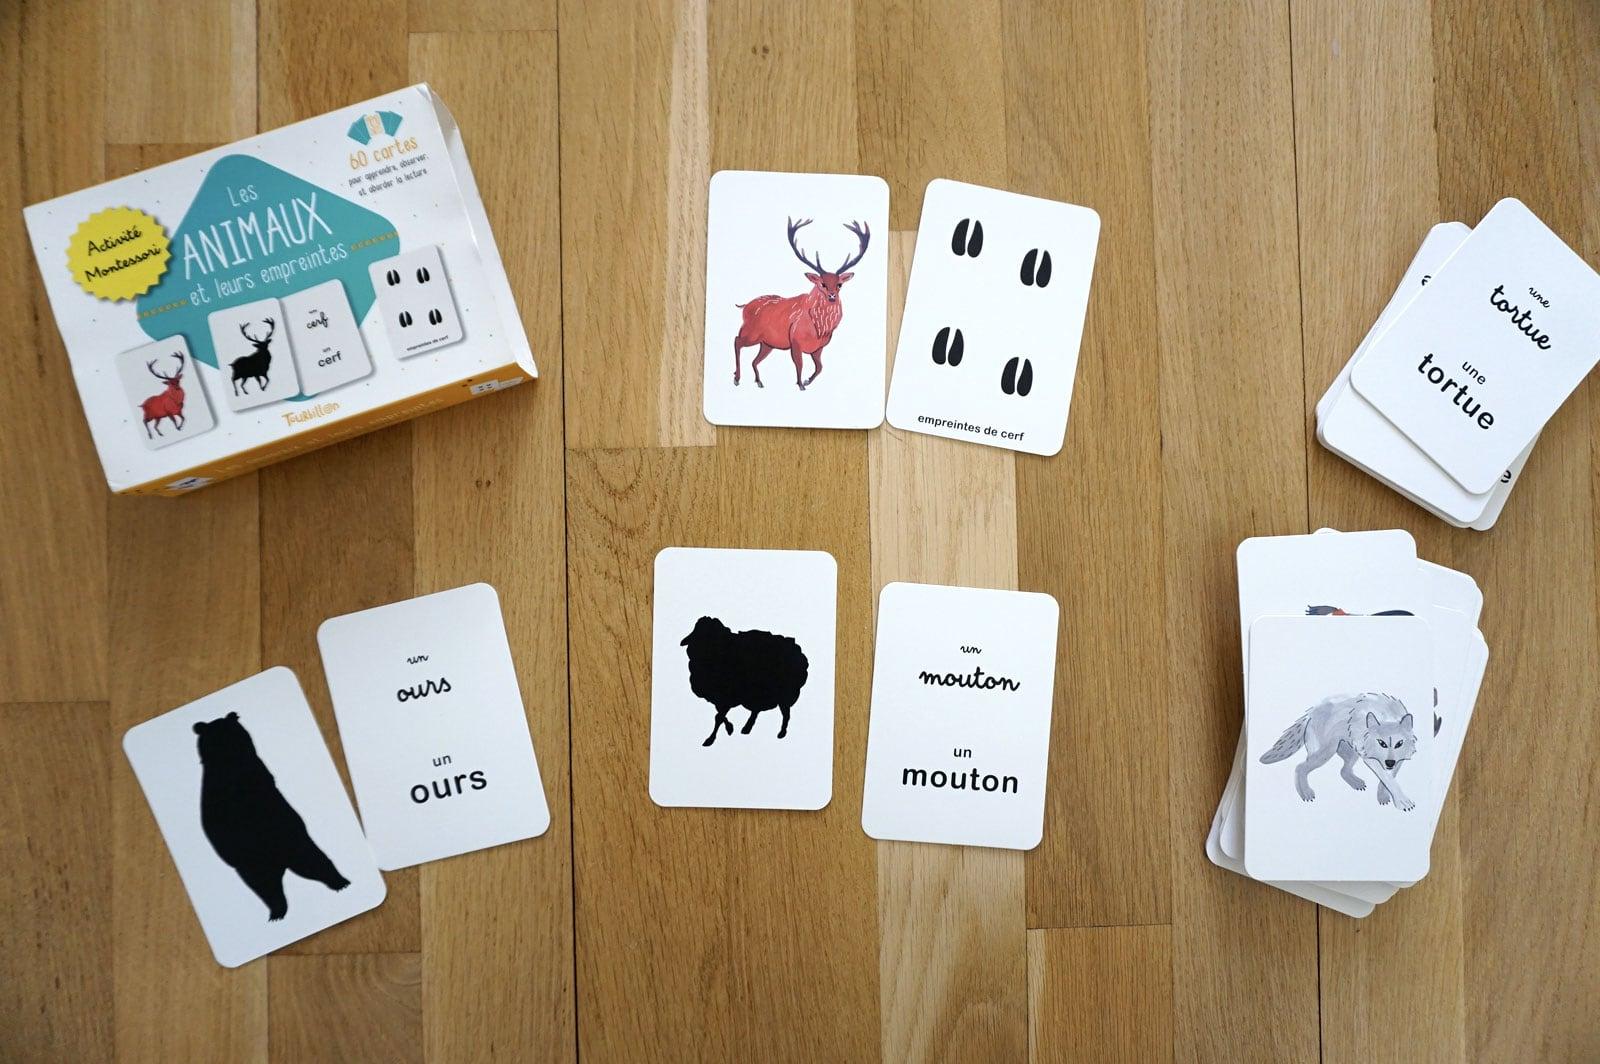 Les Activités Et Jeux Montessori Indispensables Pour Nos encequiconcerne Activité Montessori 3 Ans